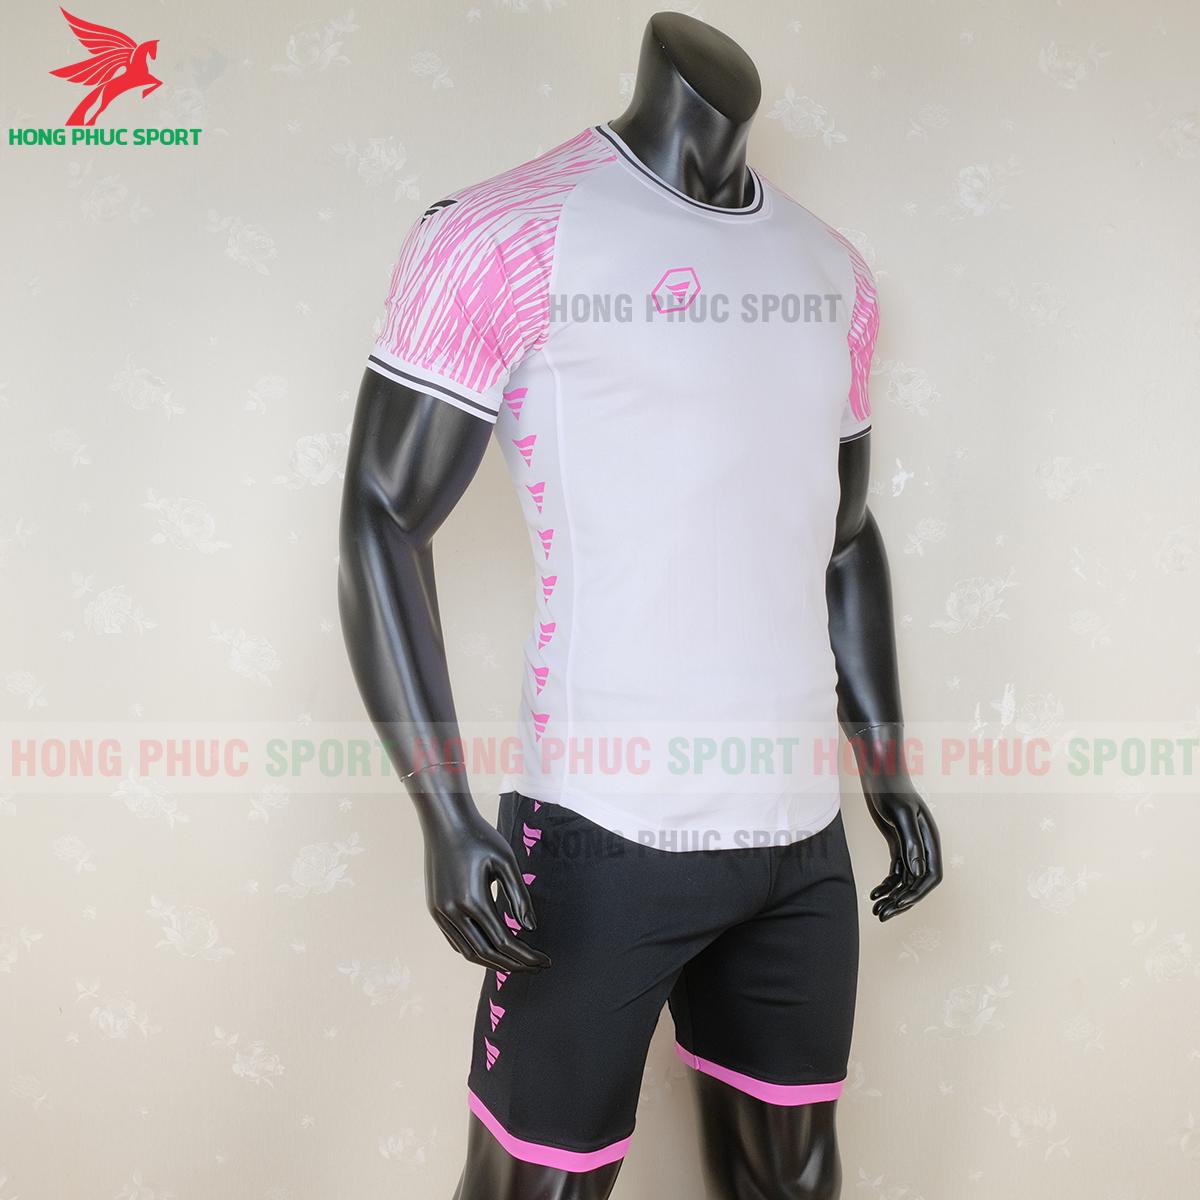 https://cdn.hongphucsport.com/unsafe/s4.shopbay.vn/files/285/ao-bong-da-khong-logo-ta-a06-mau-2-3-5f71c167dd592.png